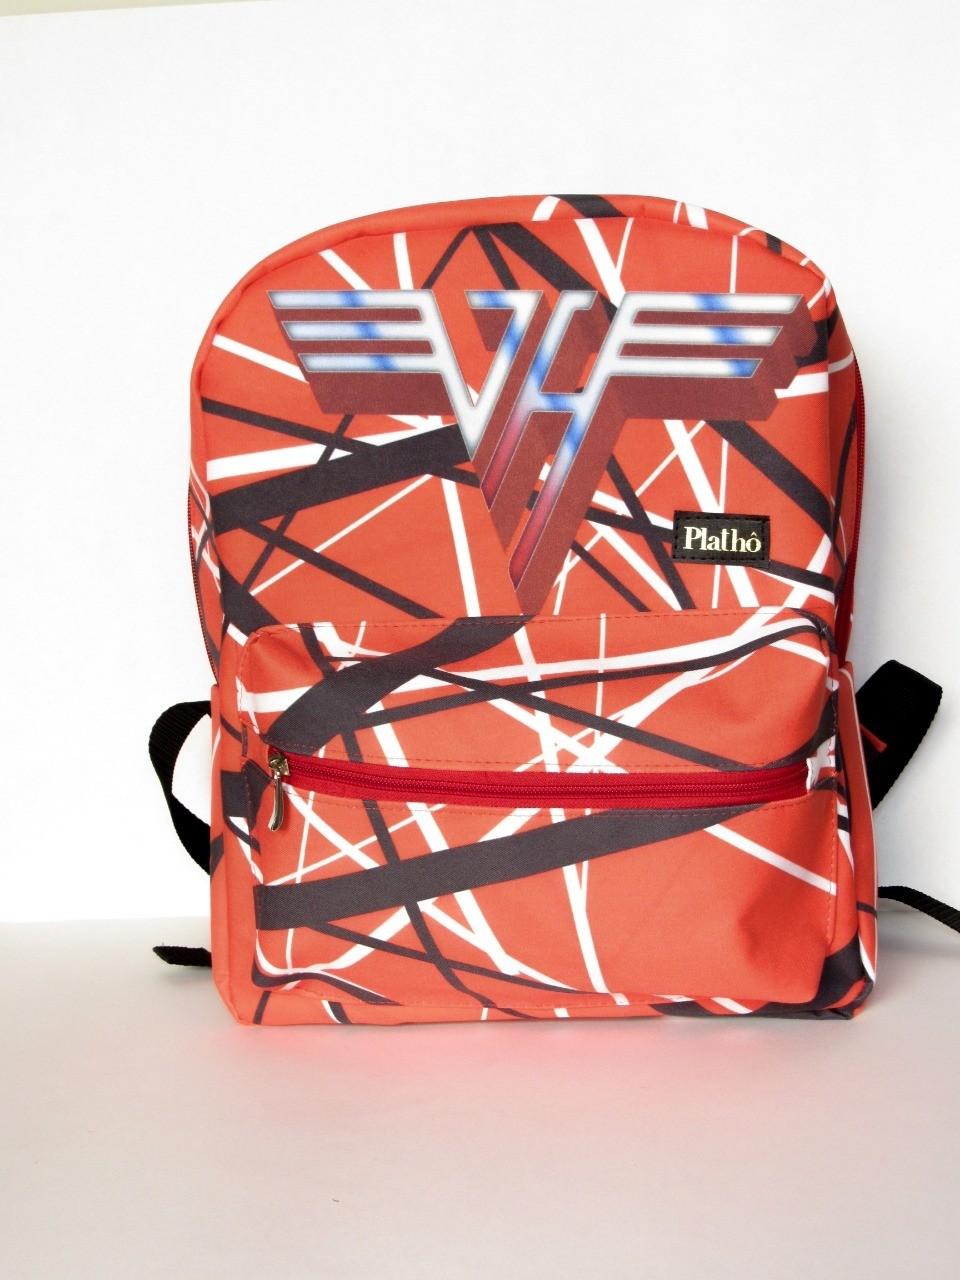 Mochila Ed Van Halen tecido poliester alças reguláveis bolsos interno e externo com zíper